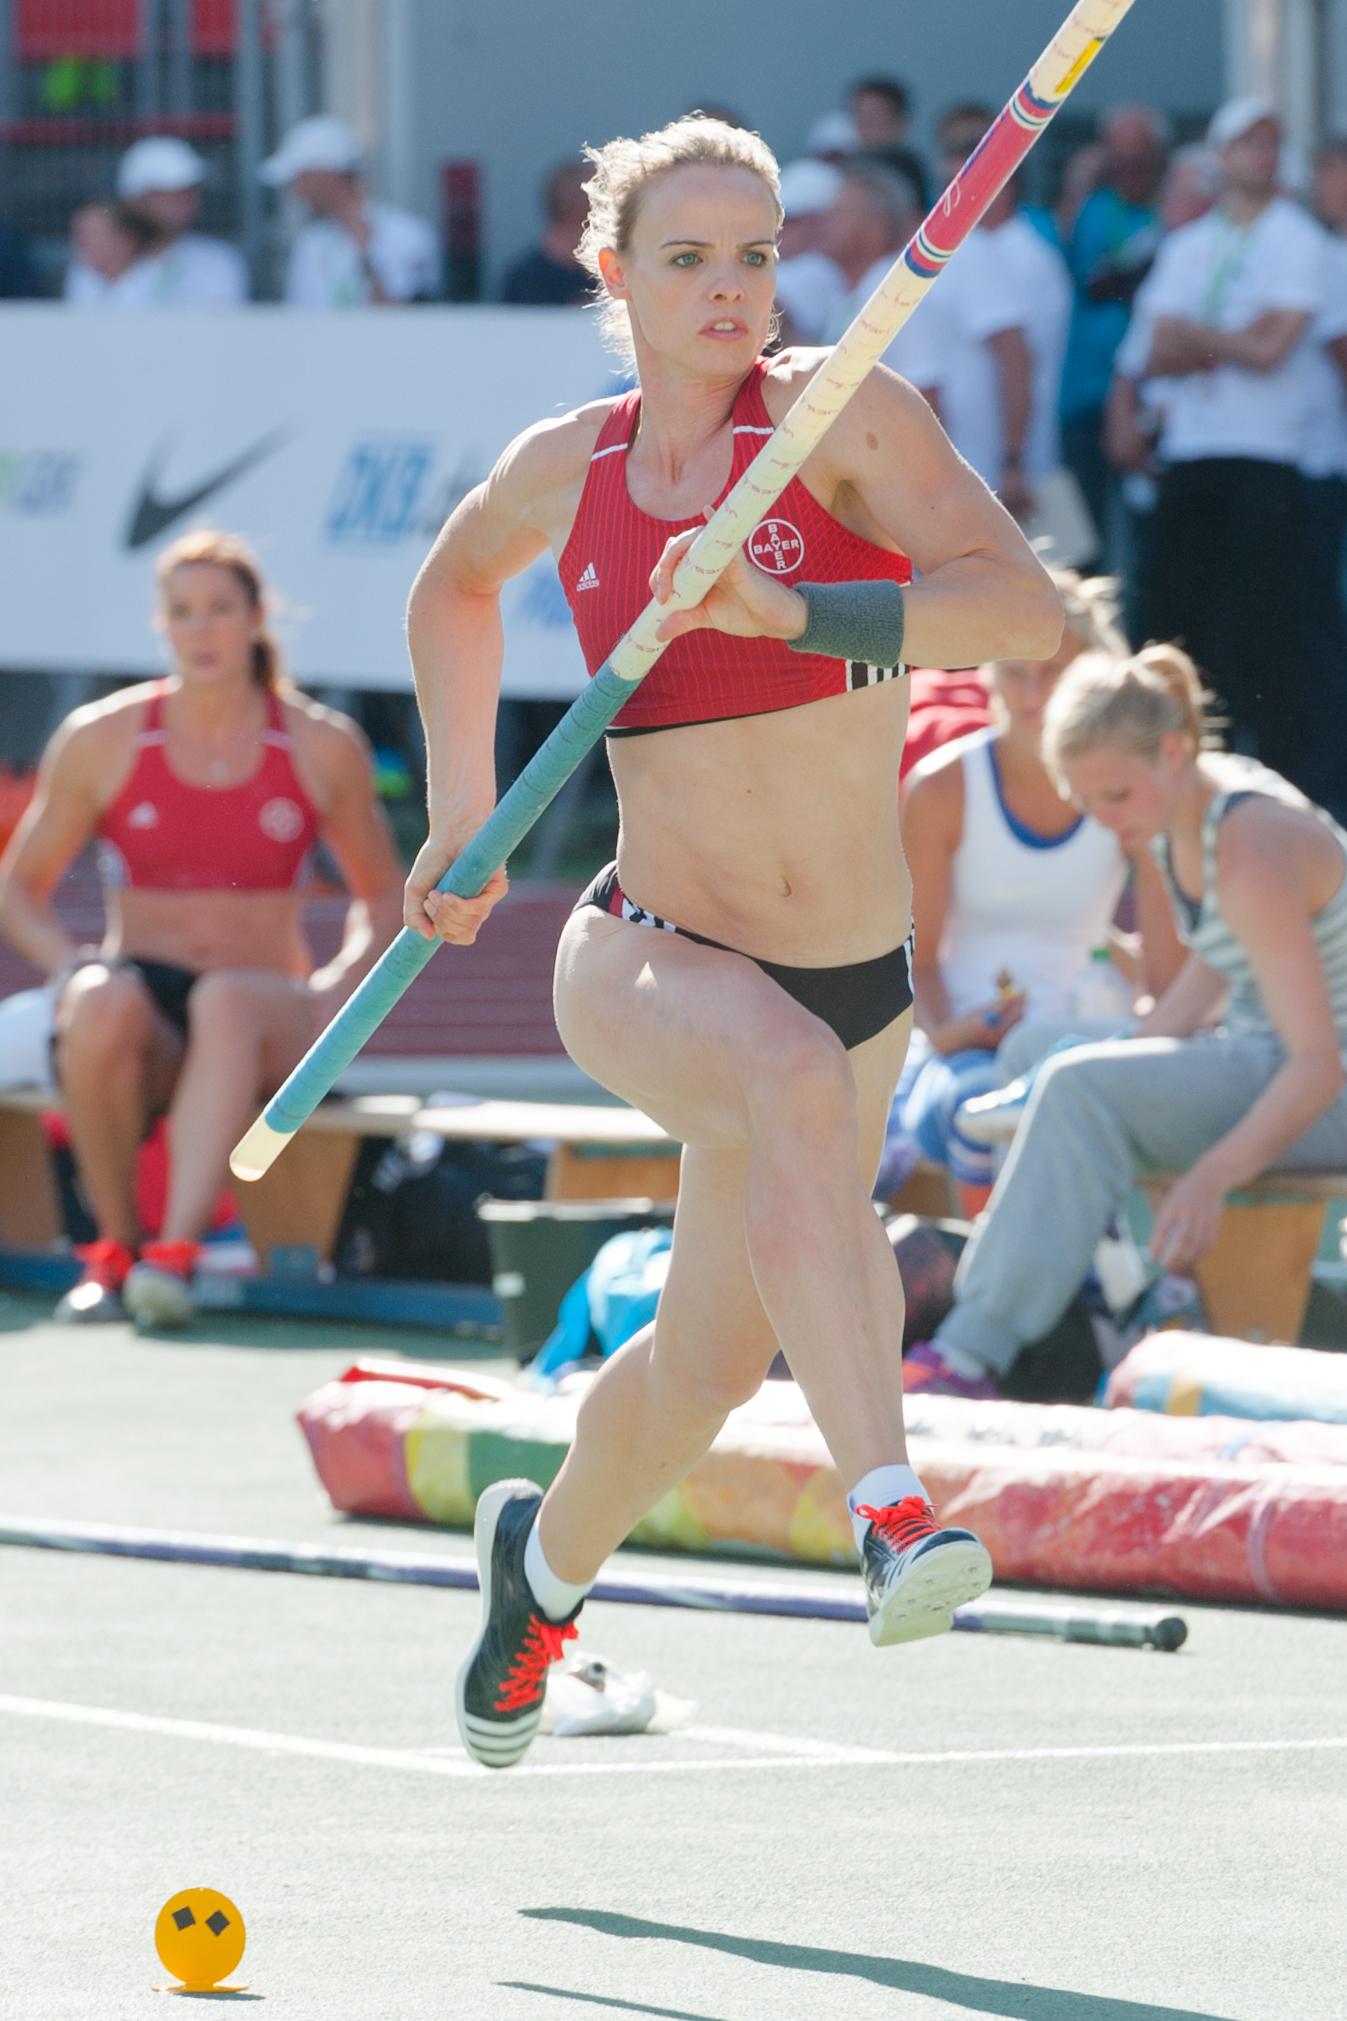 Bestand20150725 1746 Dm Leichtathletik Frauen Stabhochsprung 9768